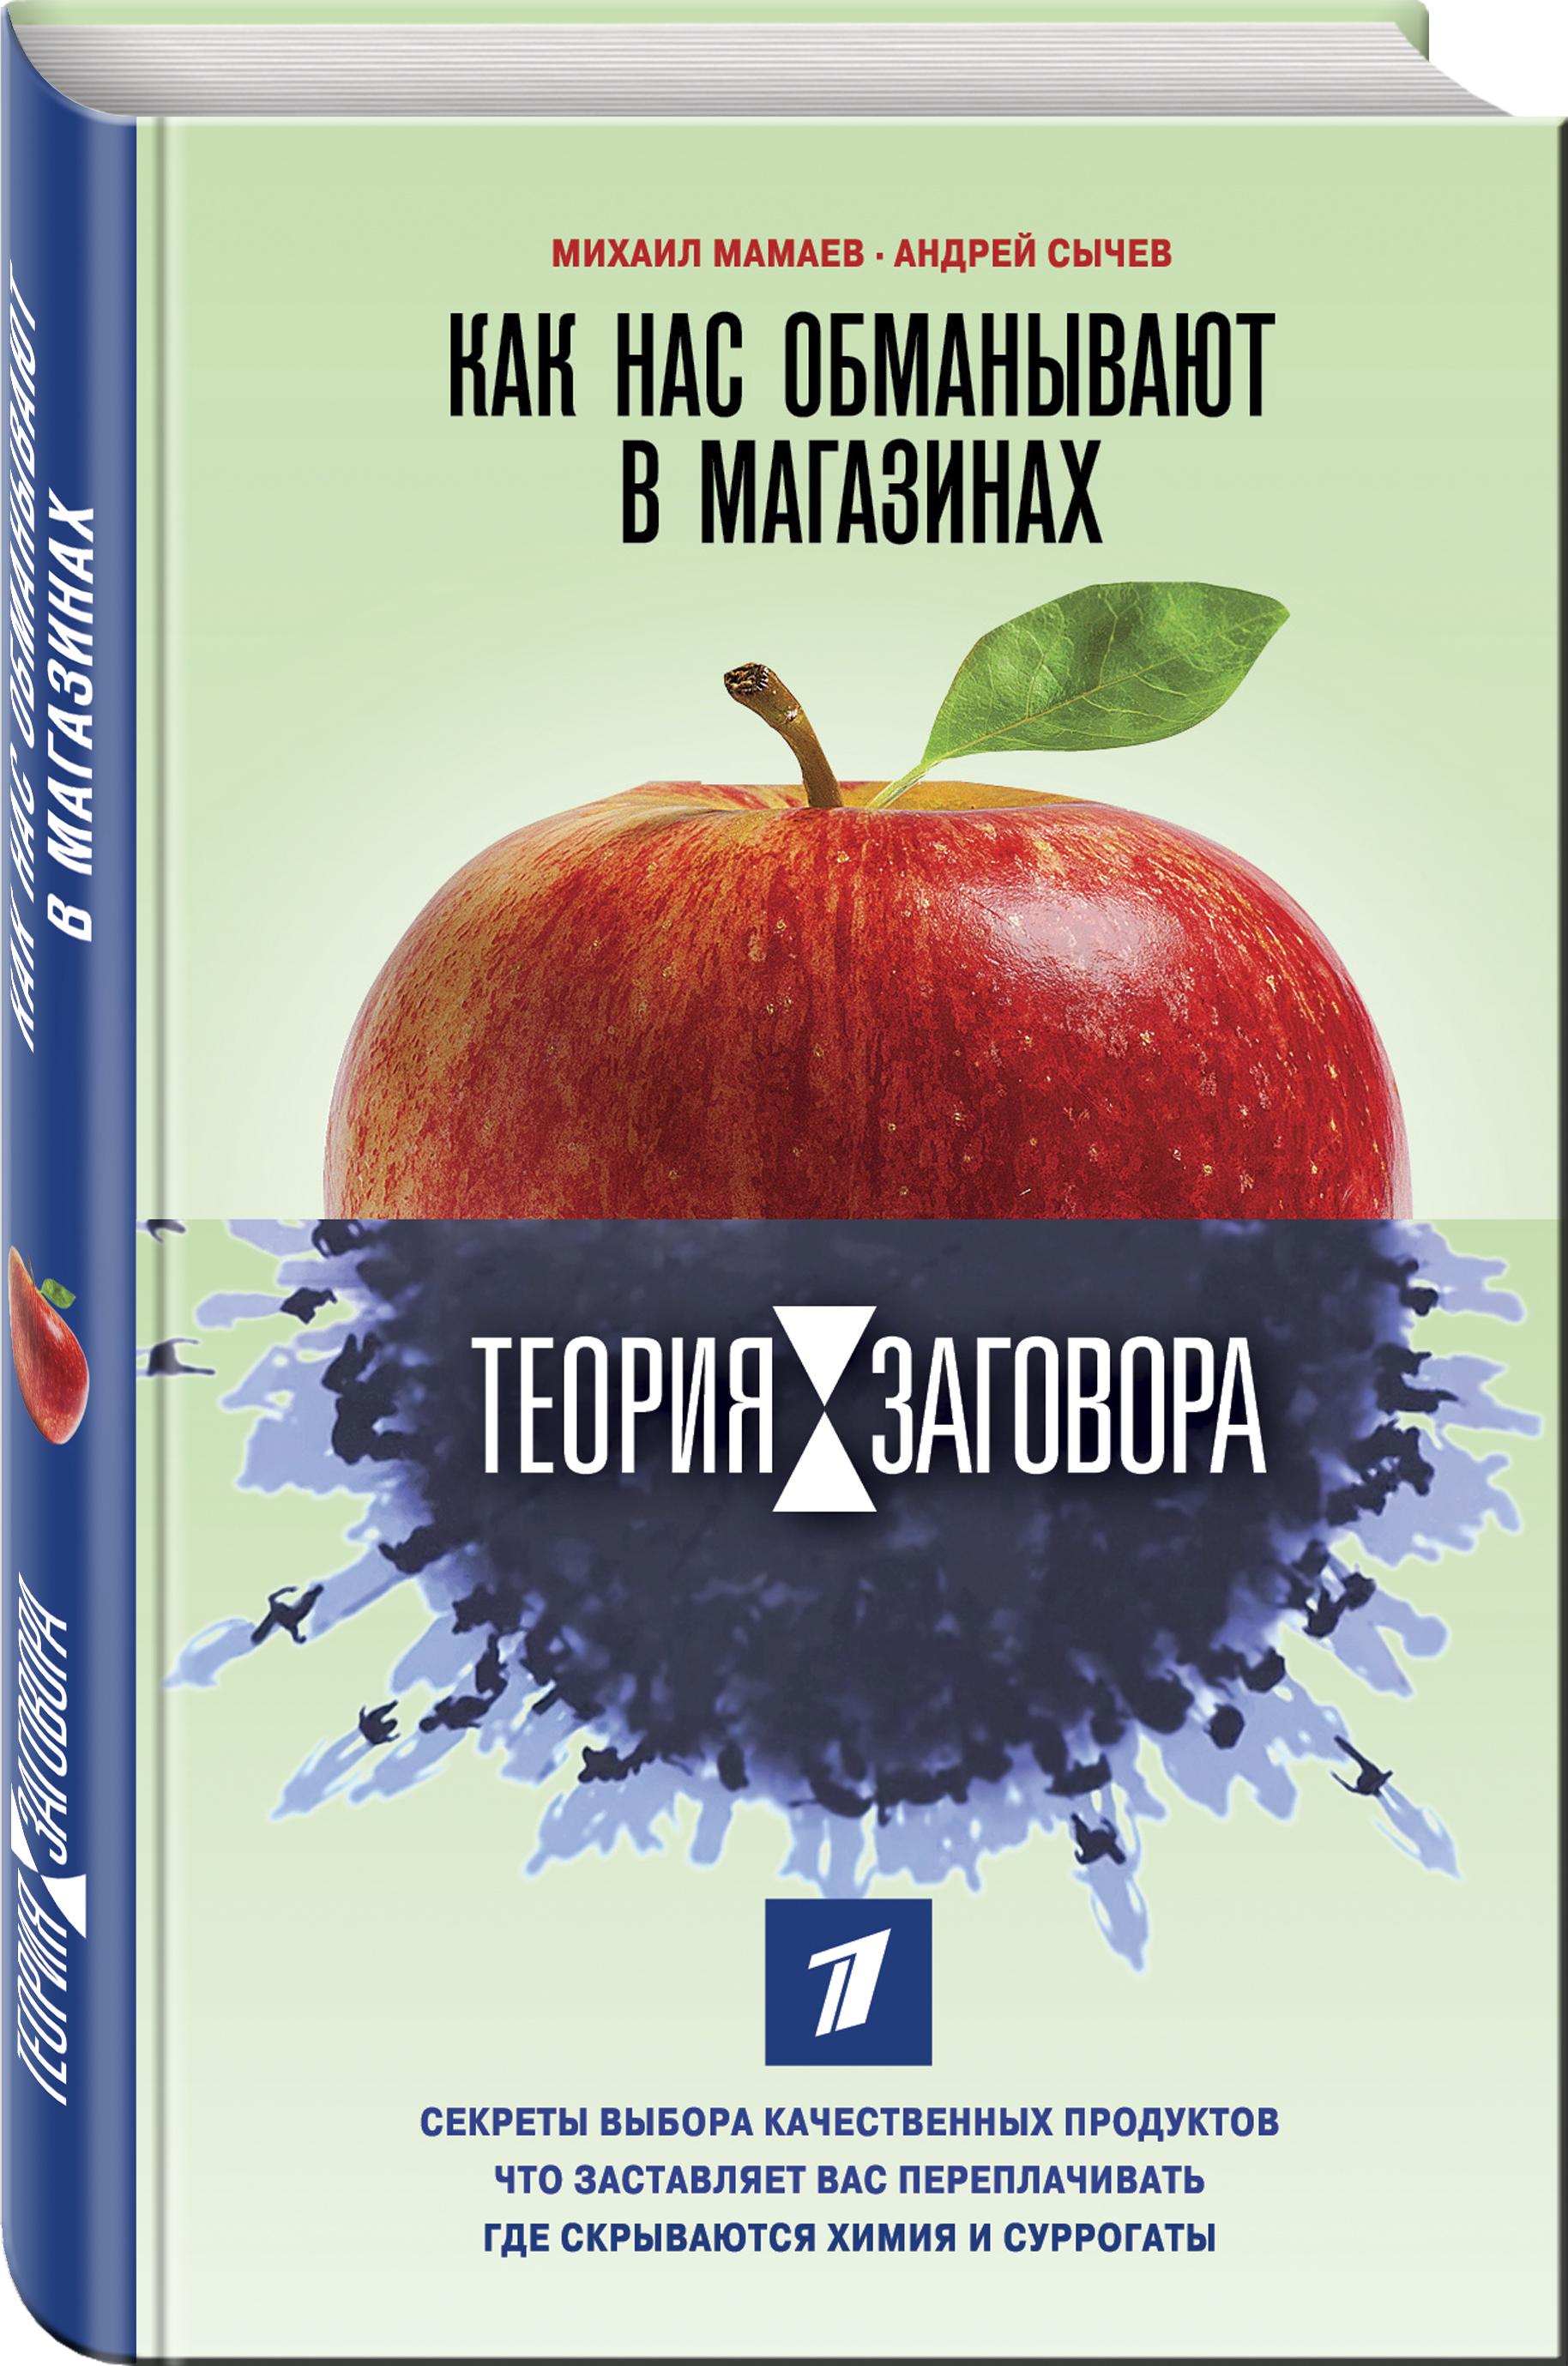 Фото - Михаил Мамаев, Андрей Сычев Теория заговора. Как нас обманывают в магазинах бакалея